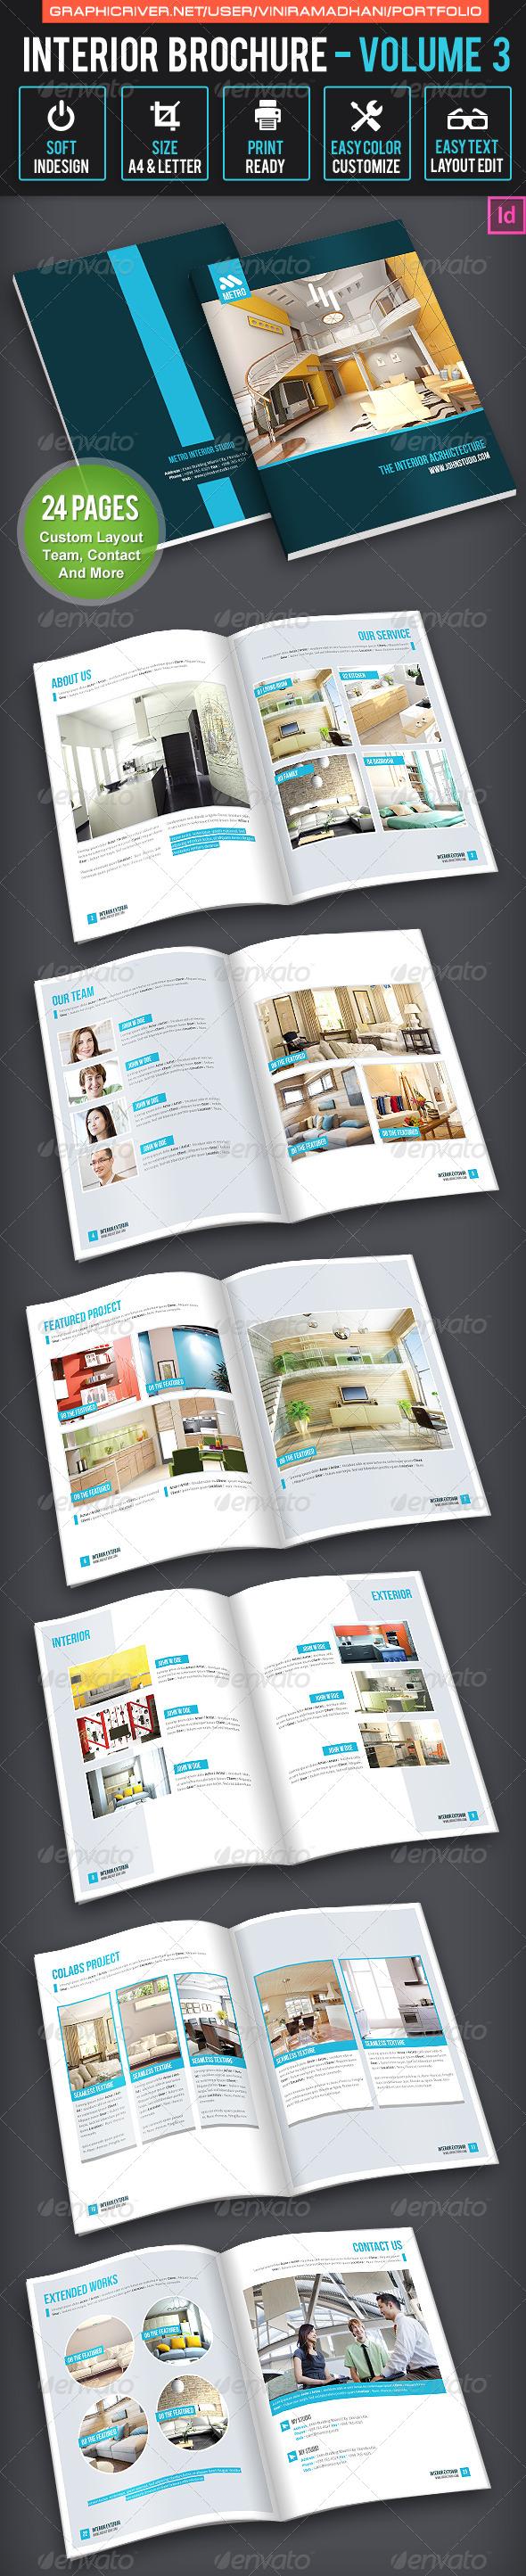 GraphicRiver Interior Brochure Volume 3 7605540